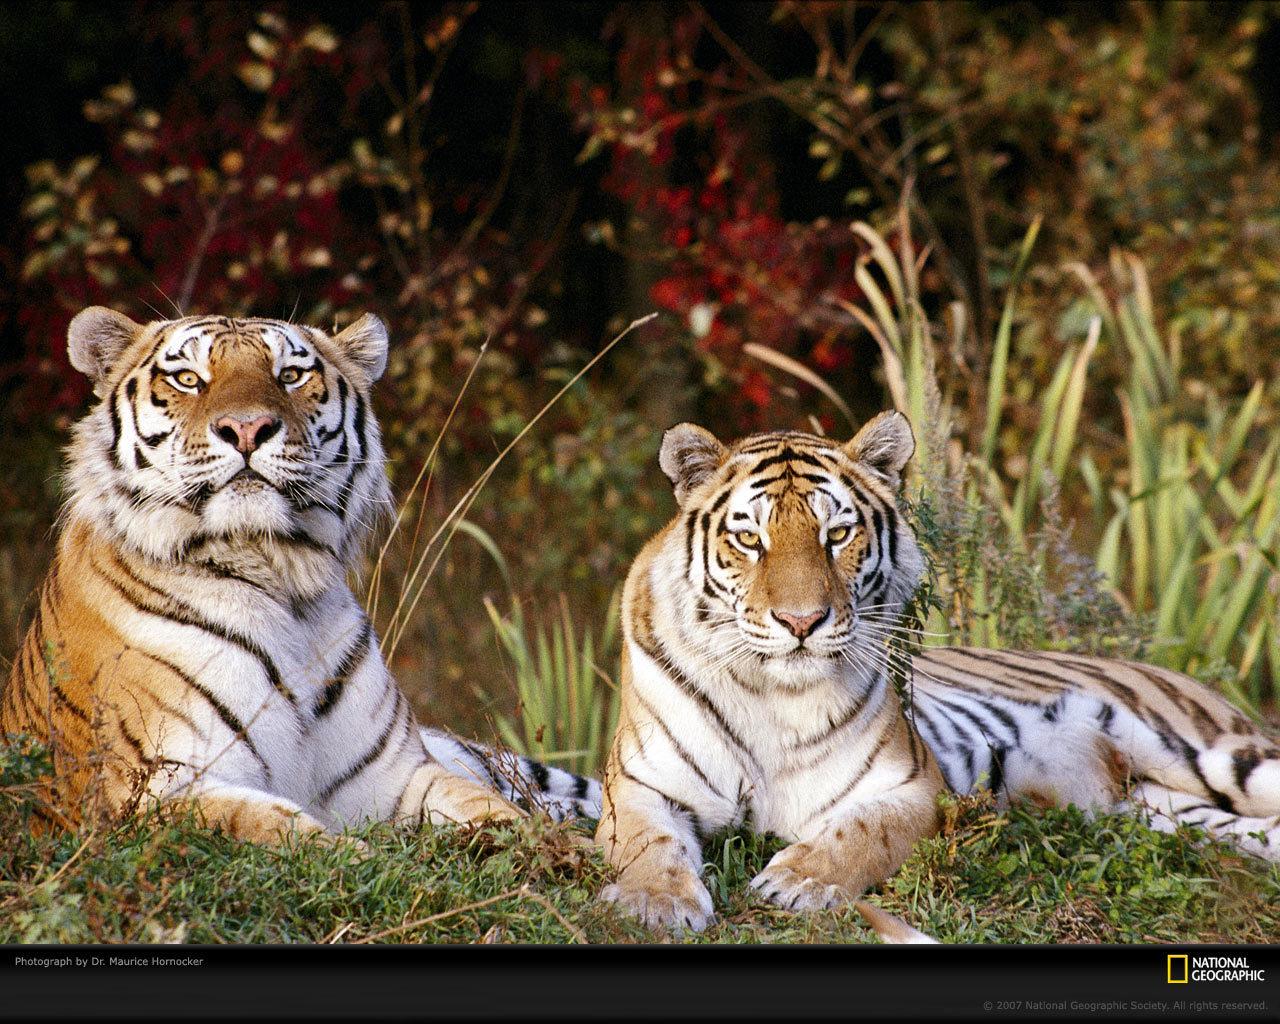 Tiger Wallpaper   Tigers Wallpaper 9981546 1280x1024